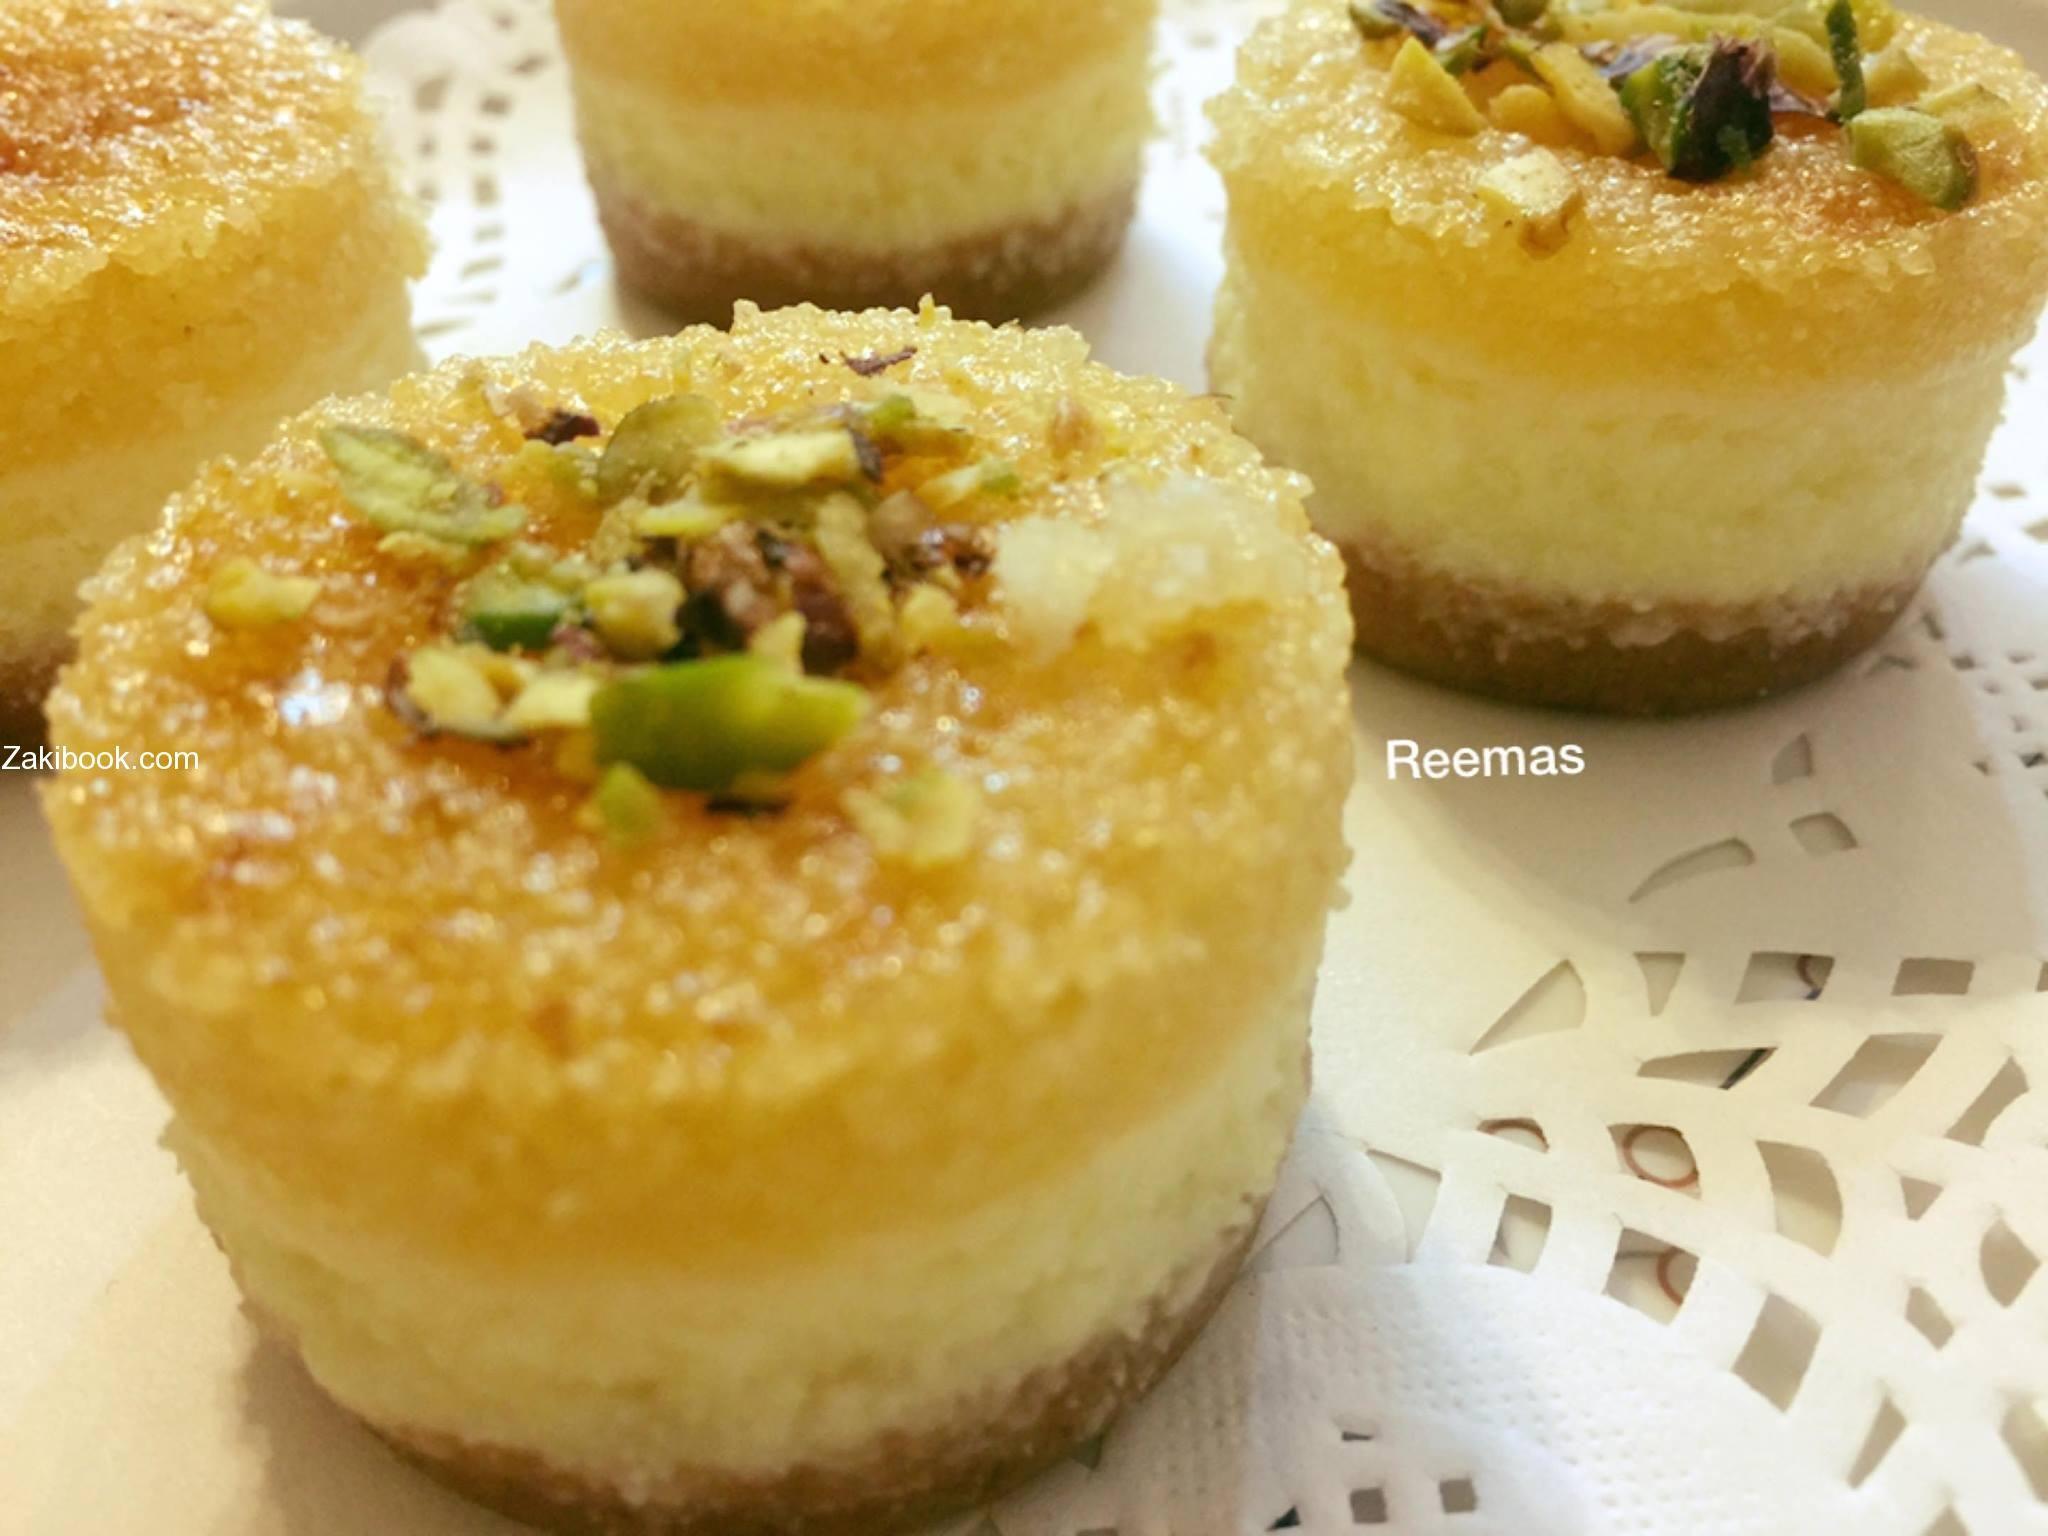 تشيز البسبوسة والله رووووووعة زاكي Desserts Arabic Desserts Eid Sweets